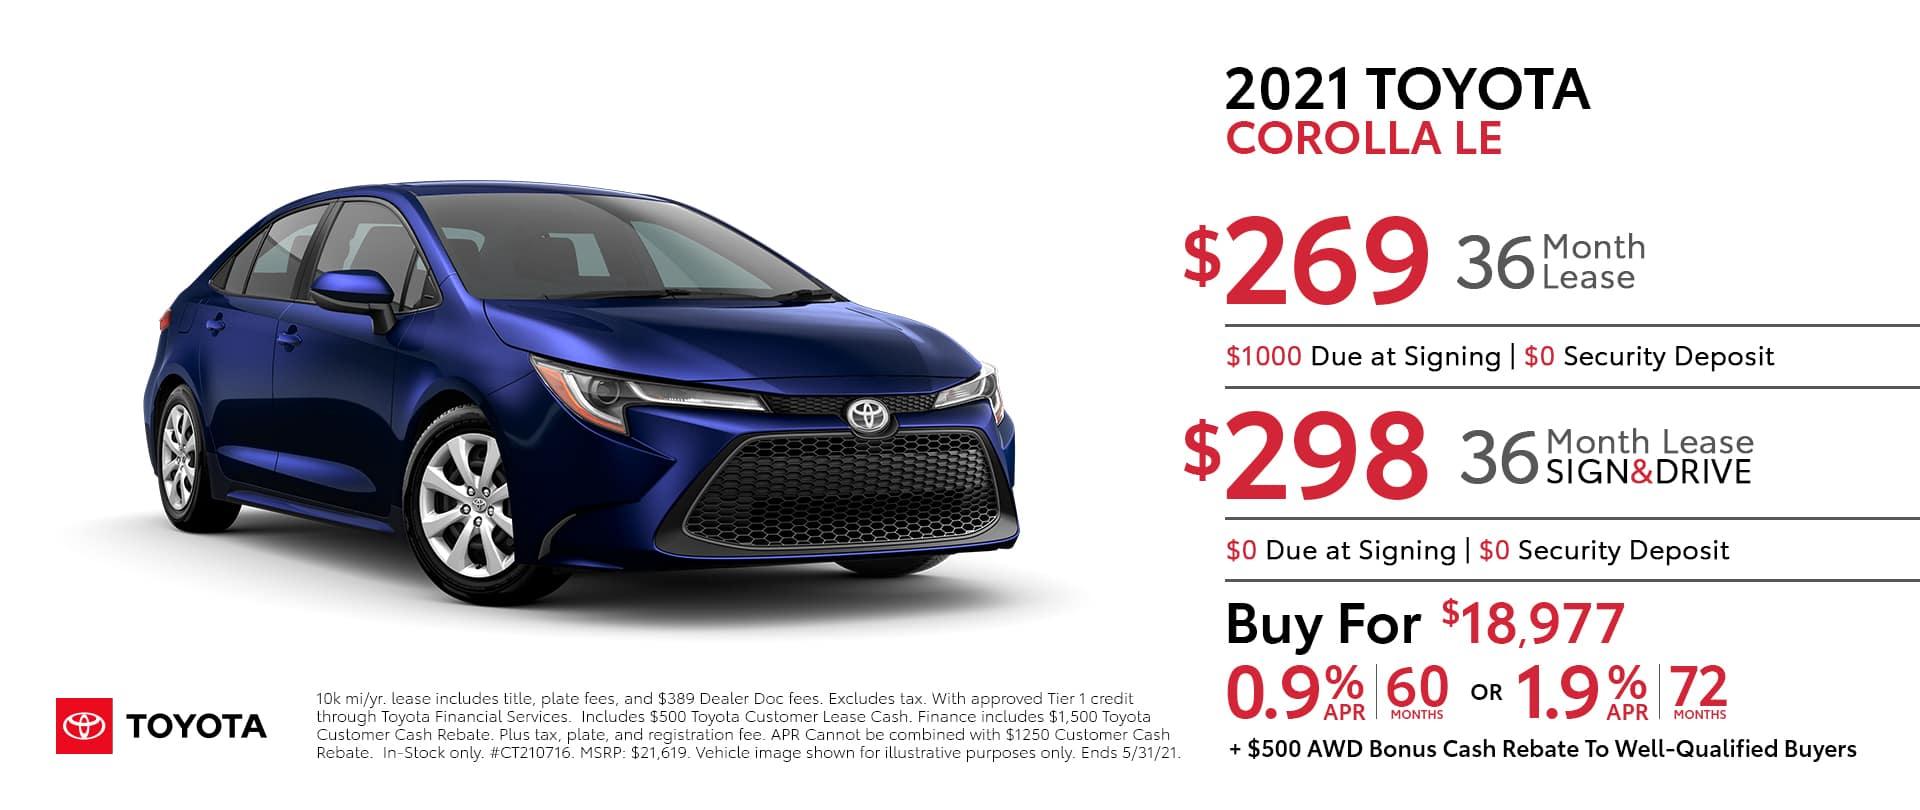 2021-Toyota-Corolla-LE